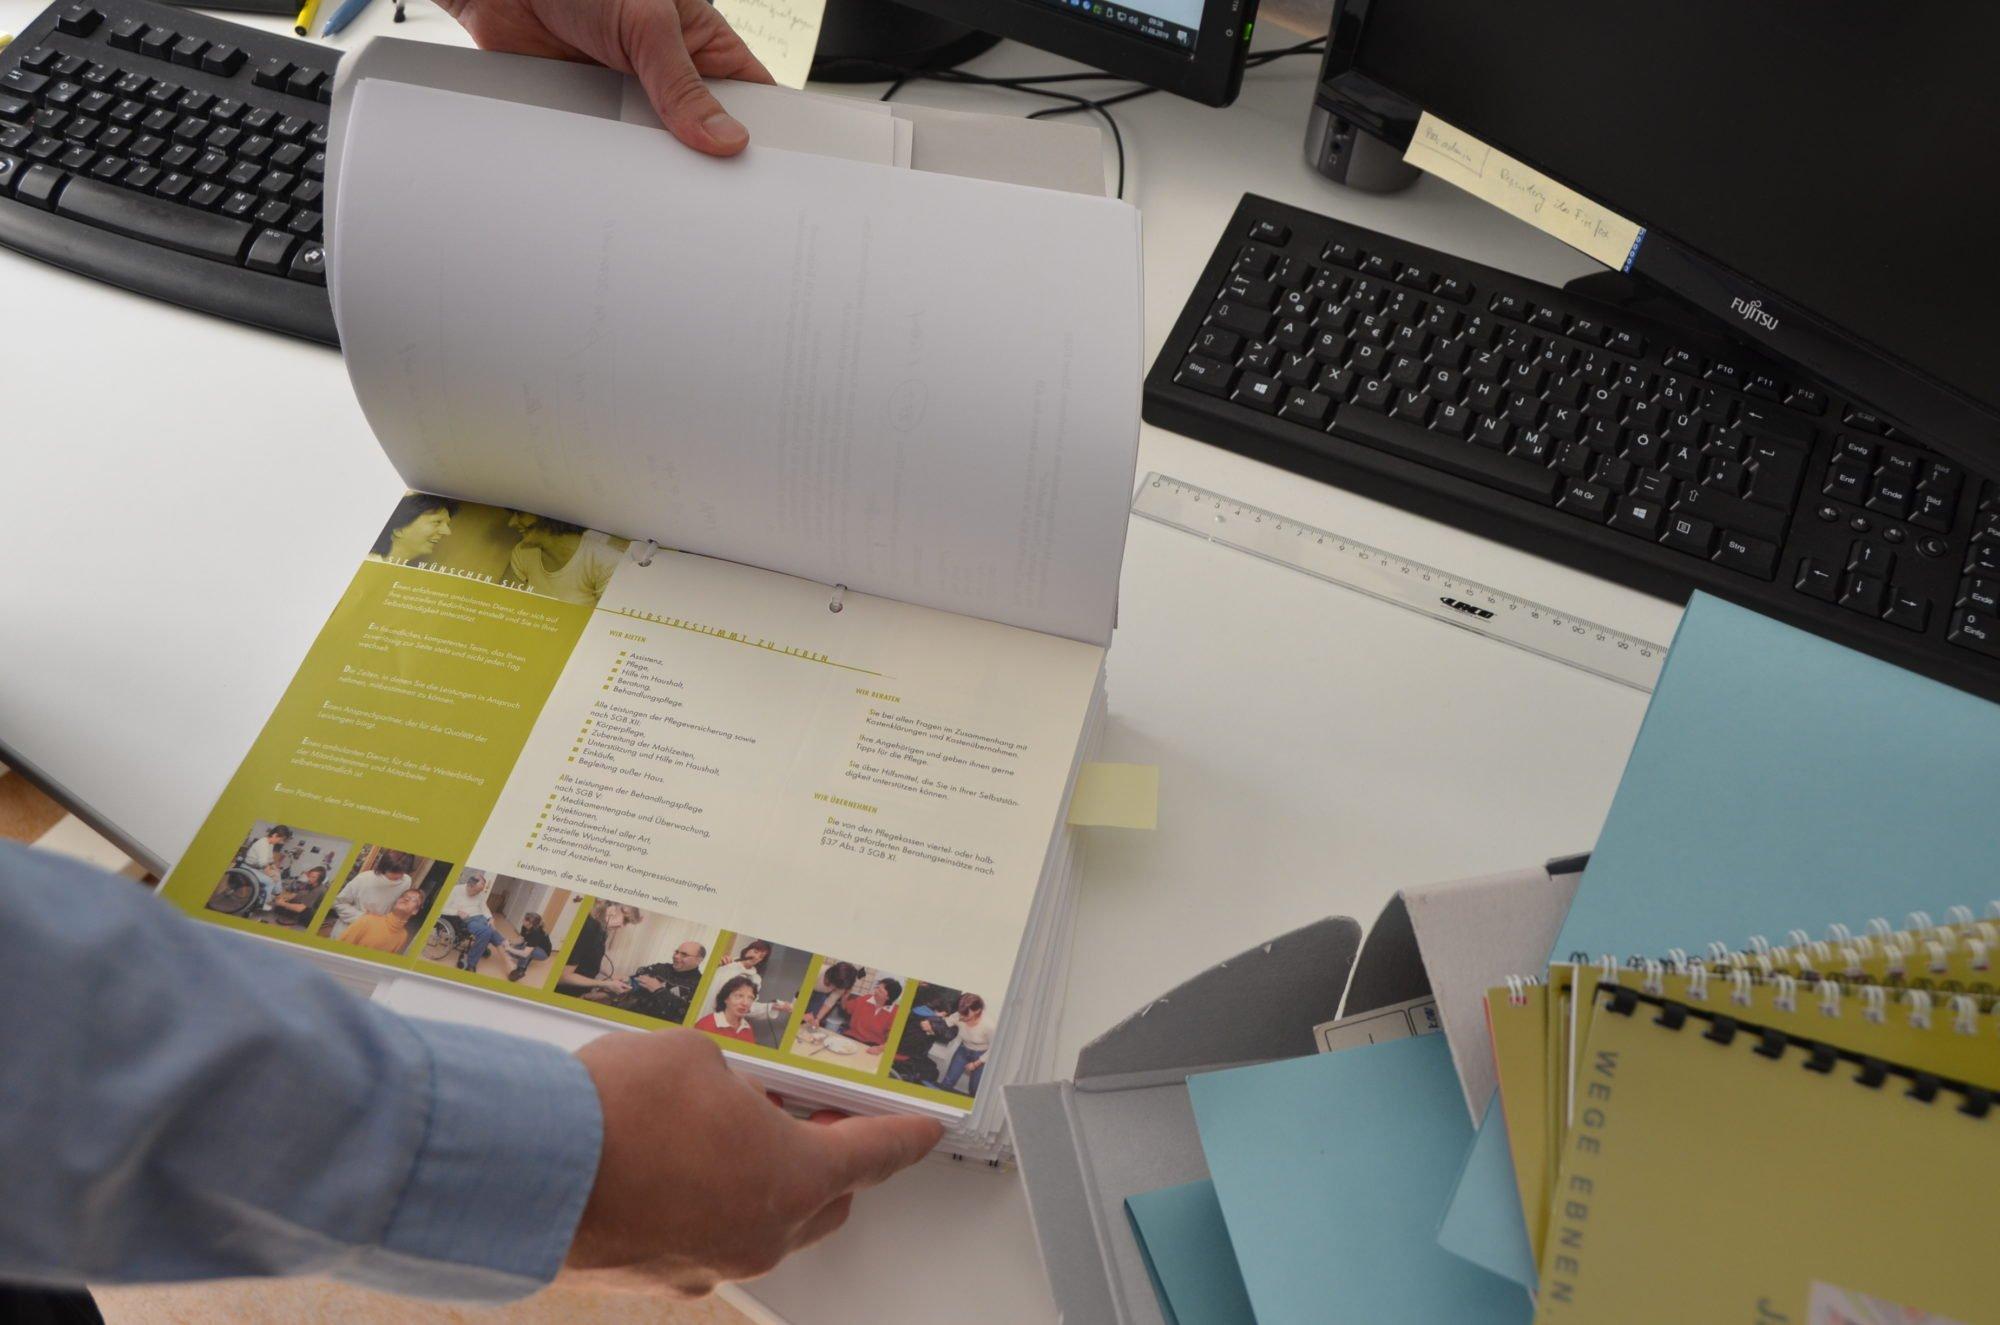 Hände halten einen Aktenordner offen, rechts daneben liegen weitere Akten. Im Hintergrund Tastaturen und Monitore auf dem Schreibtisch.